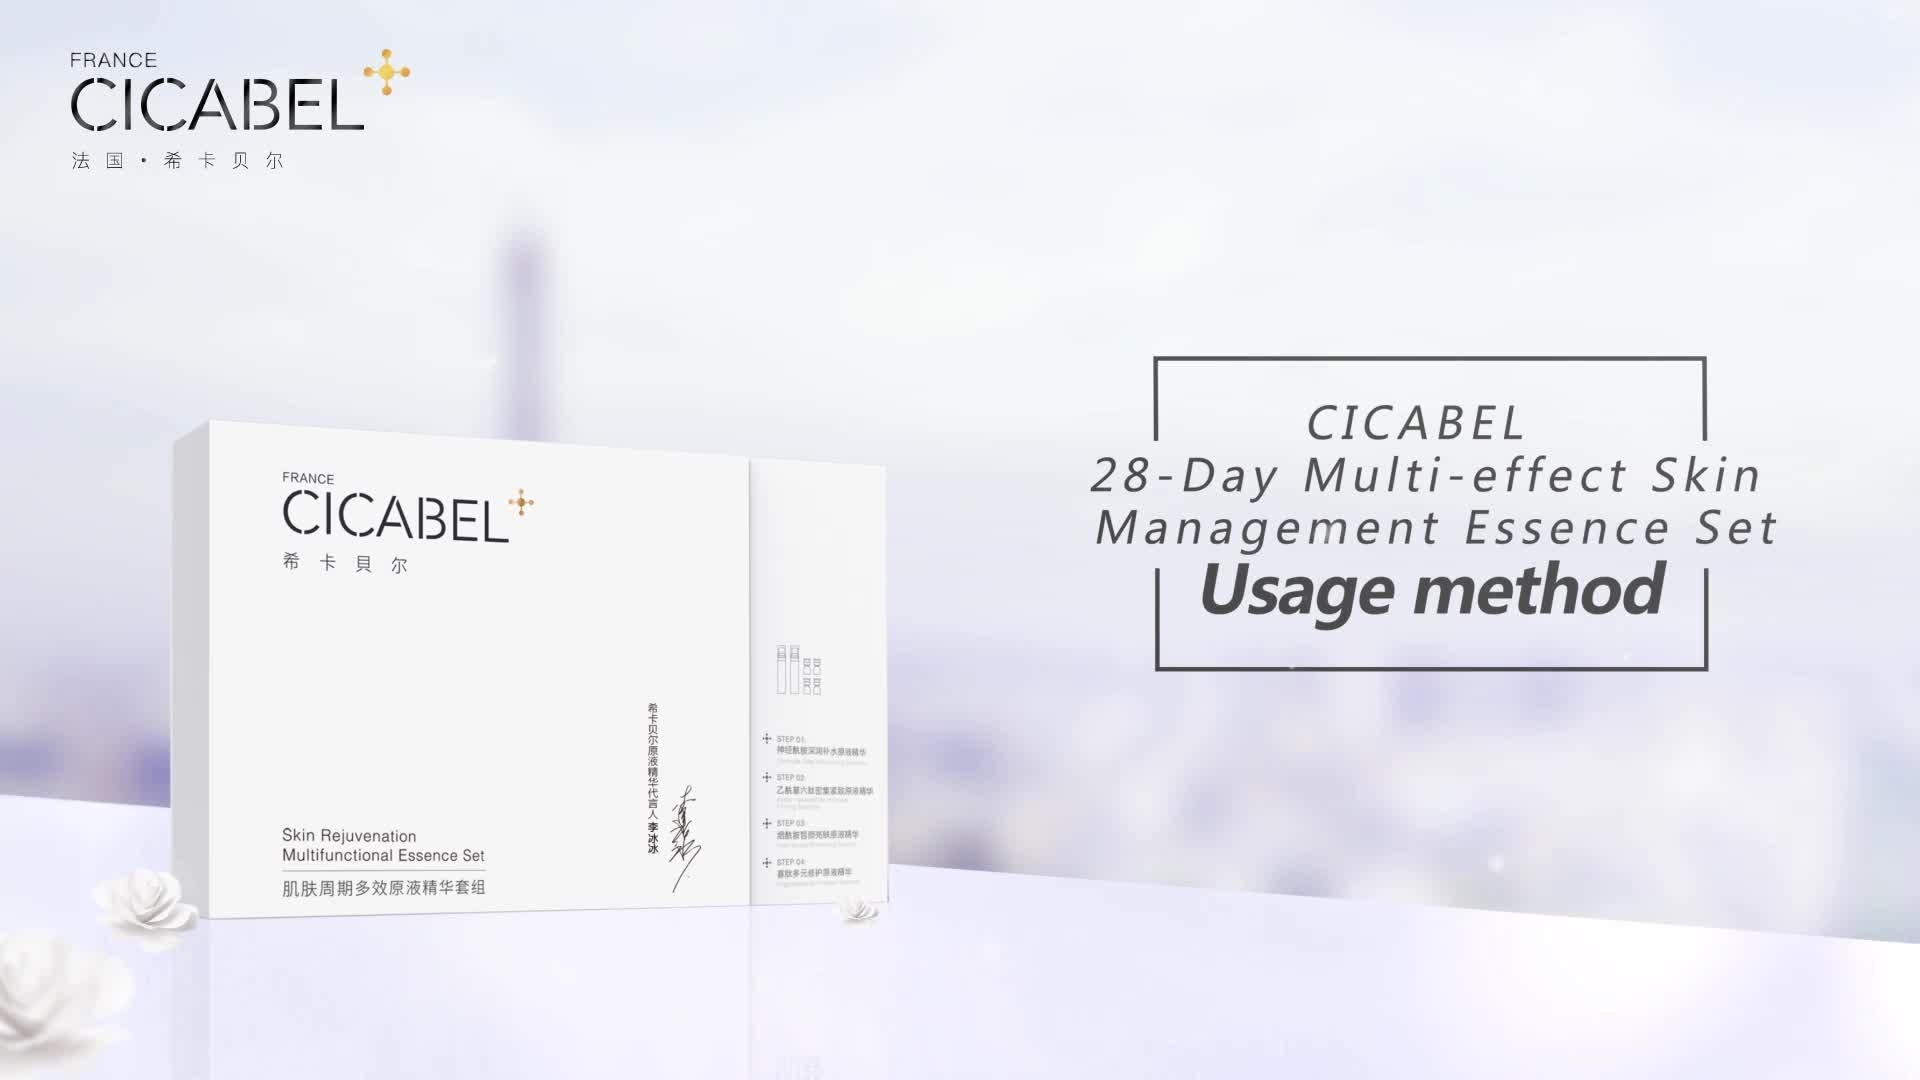 Conjunto de beleza cuidados pessoais anti envelhecimento soro kit CICABEL 28 dias essência rejuvenescimento da pele remoção do enrugamento